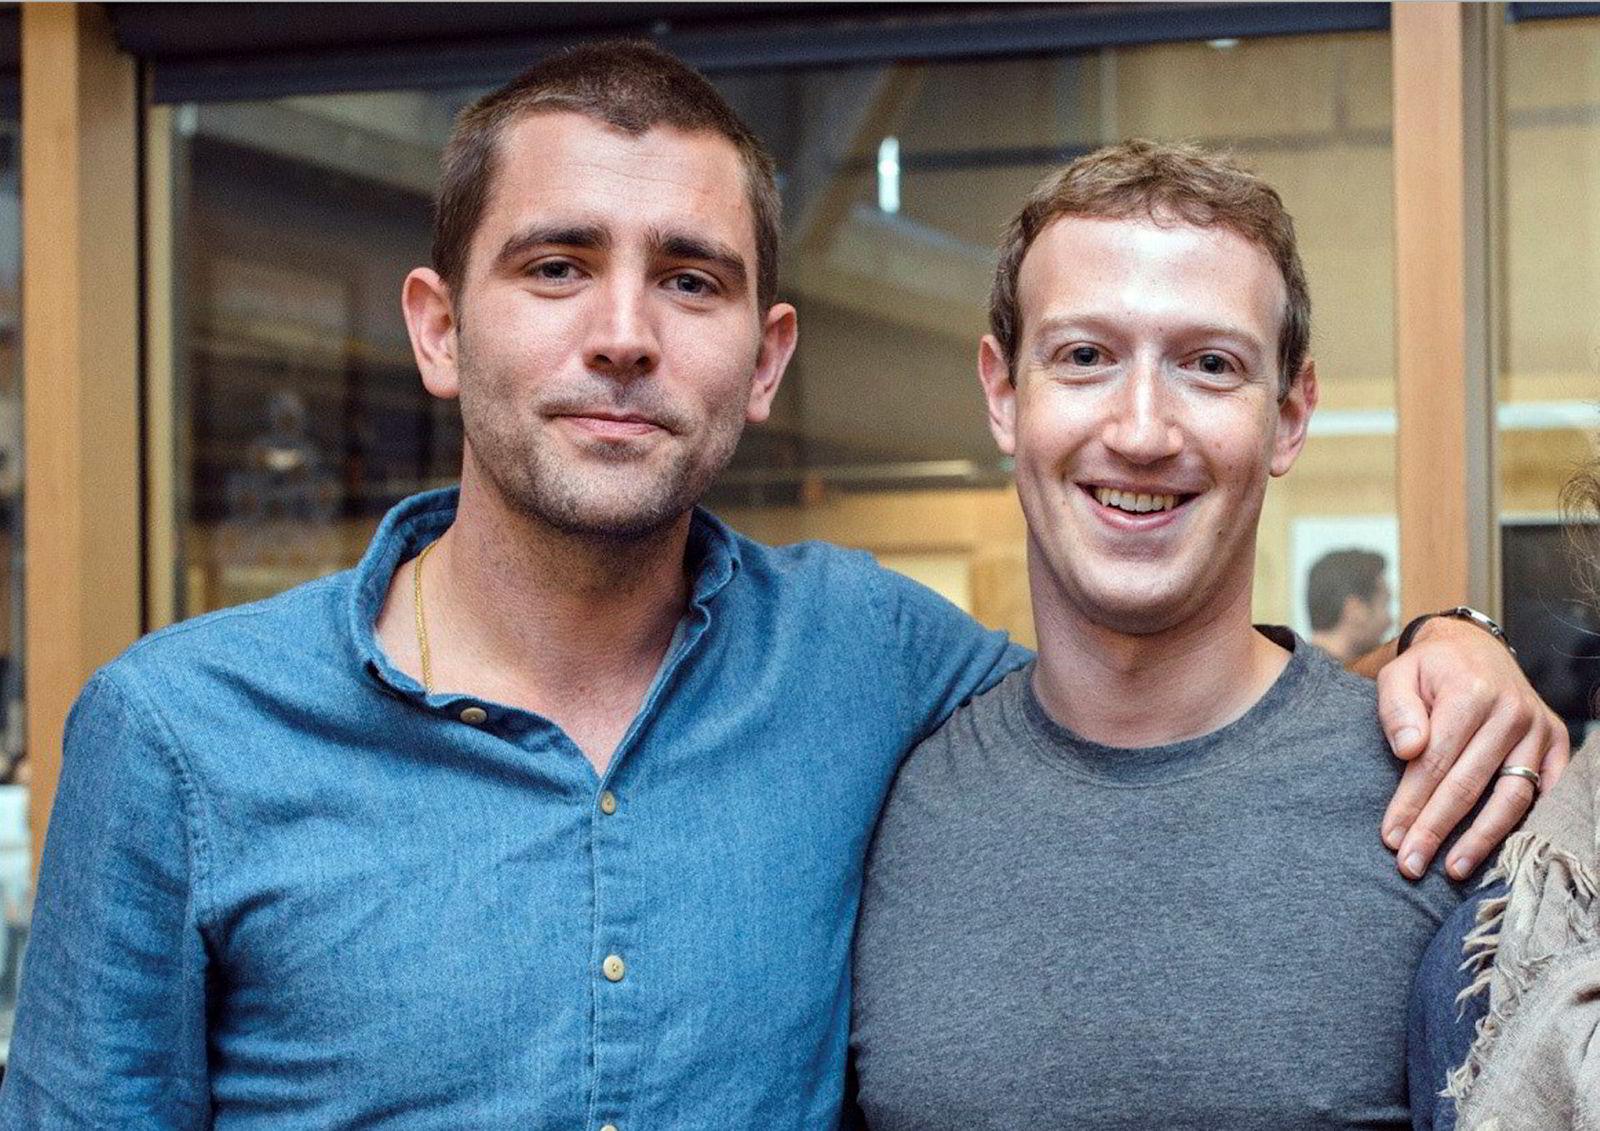 Facebook. Facebook-grunnlegger og konsernsjef Mark Zuckerberg bekrefter i en bloggpost på det sosiale nettverksstedet at Chris Cox er på vei ut.